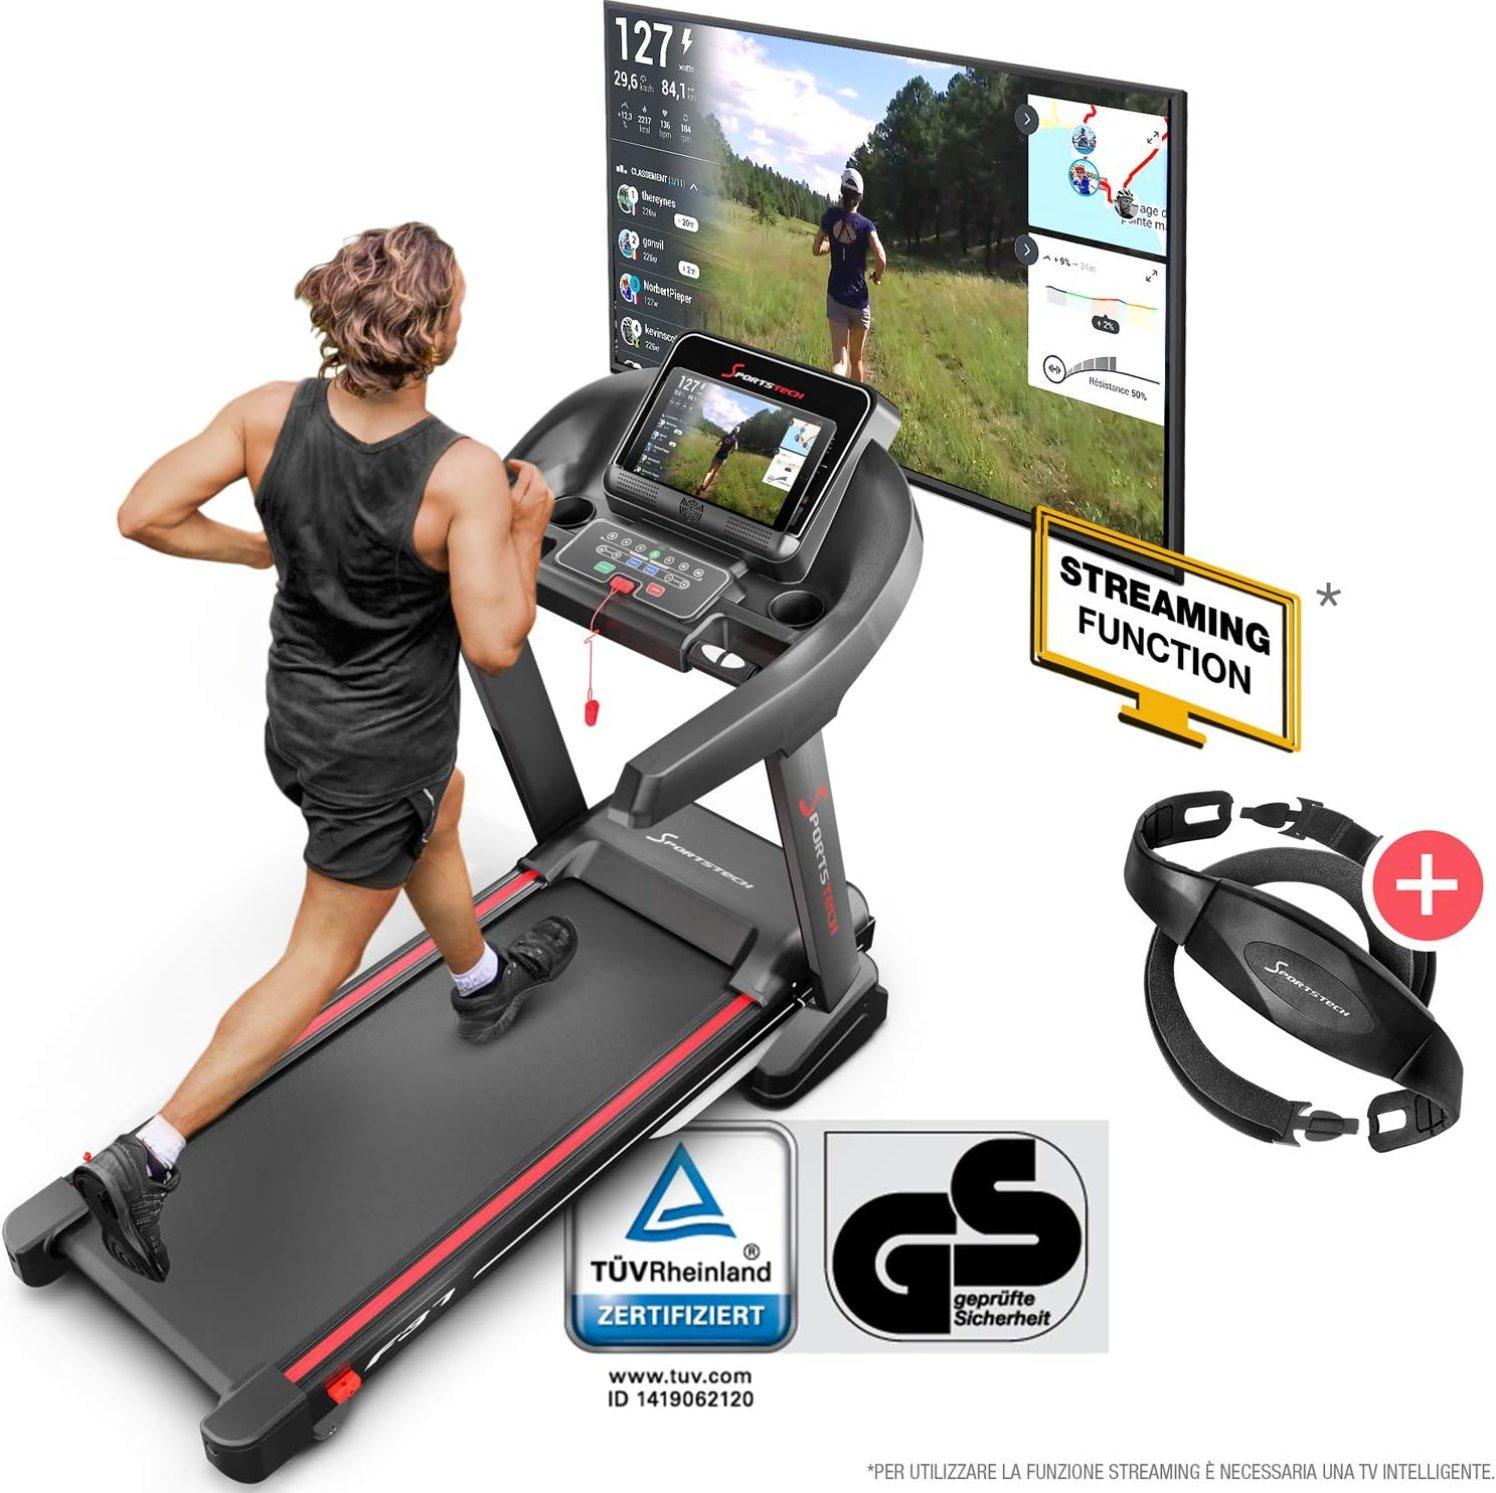 Runner corre su tapis roulant e guarda schermo tv